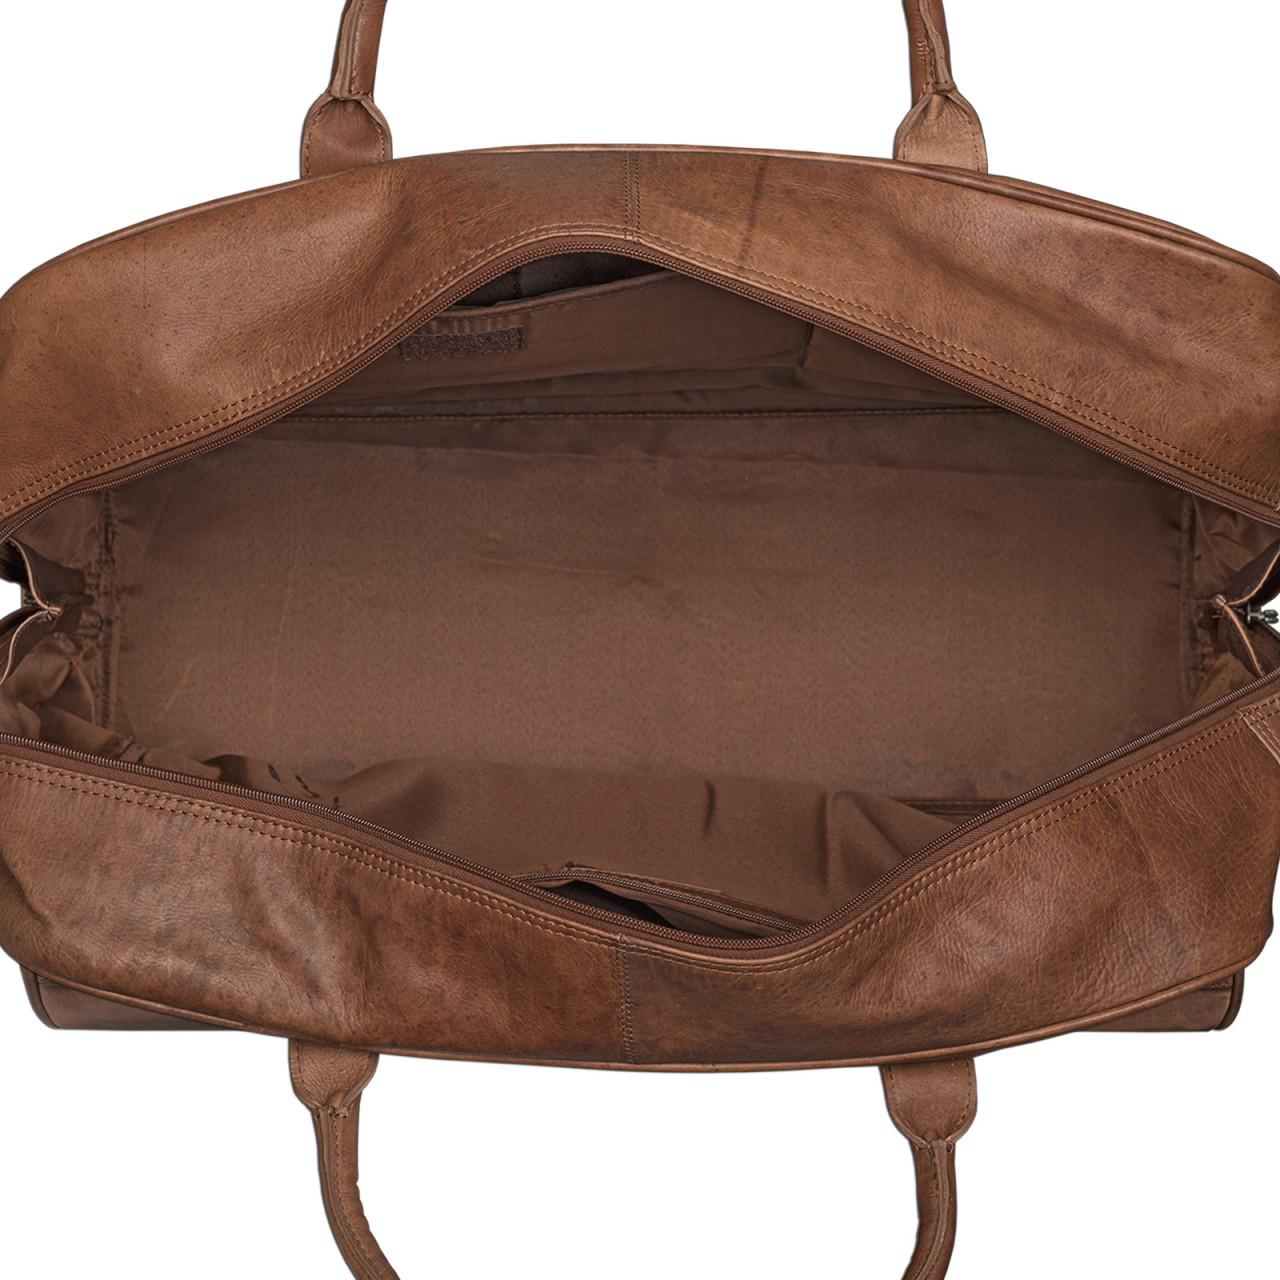 STILORD Reisetasche elegant und groß XXL Weekender Bag Sporttasche Freizeittasche Ledertasche echtes Büffel-Leder cognac braun - Bild 4